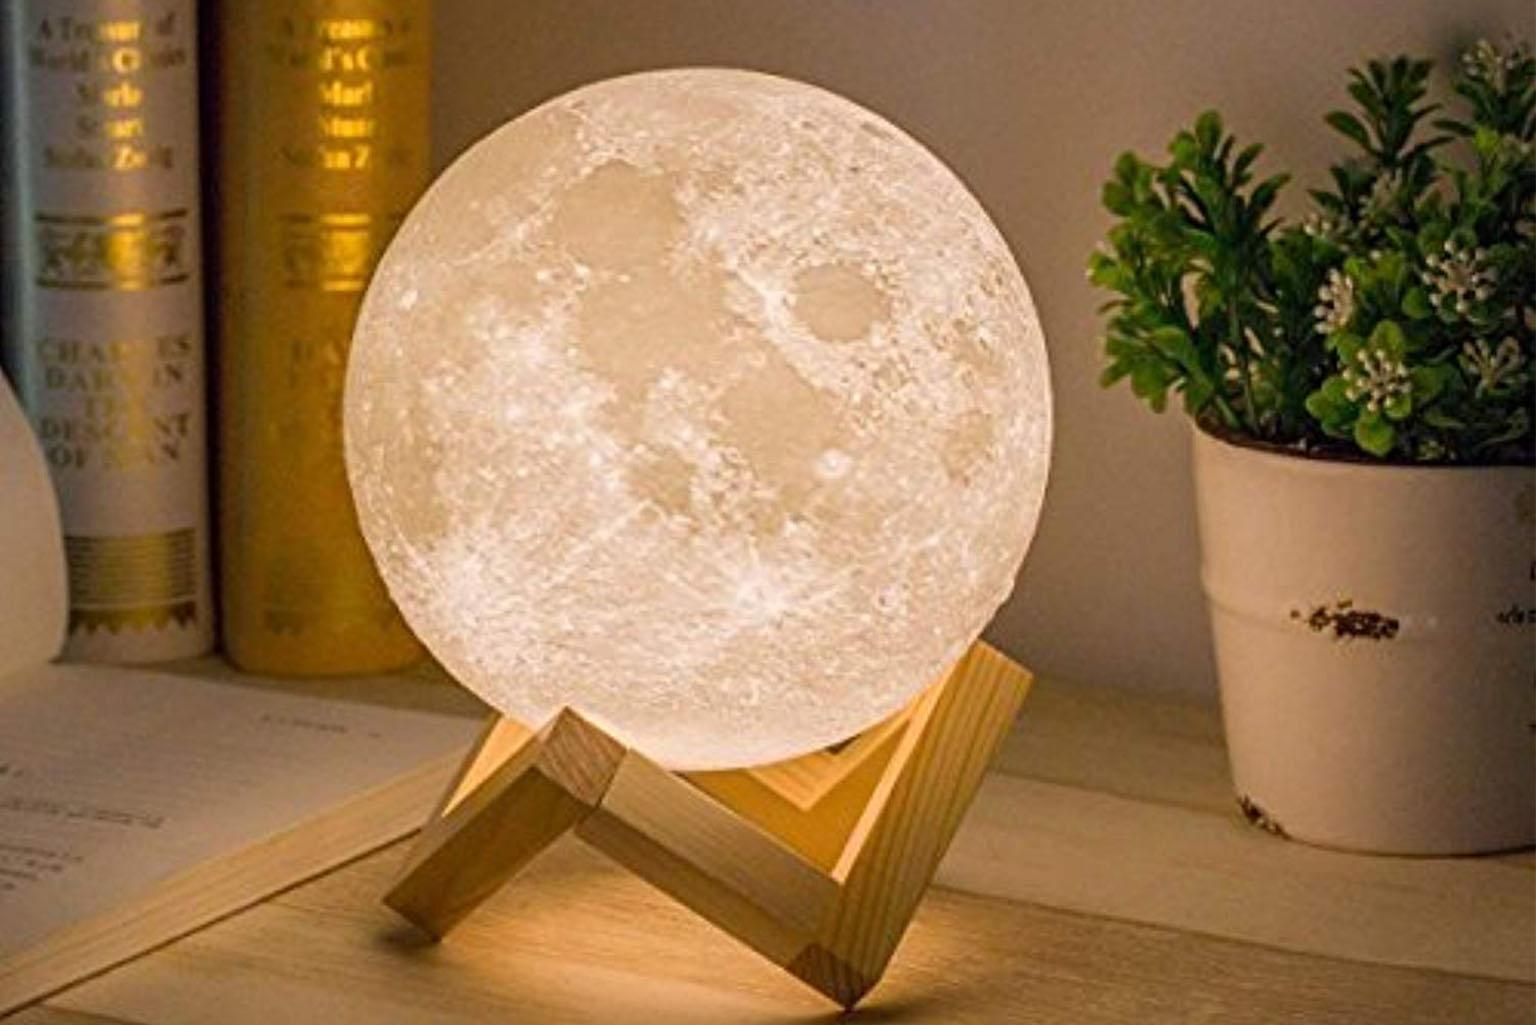 Lunar Light Moon